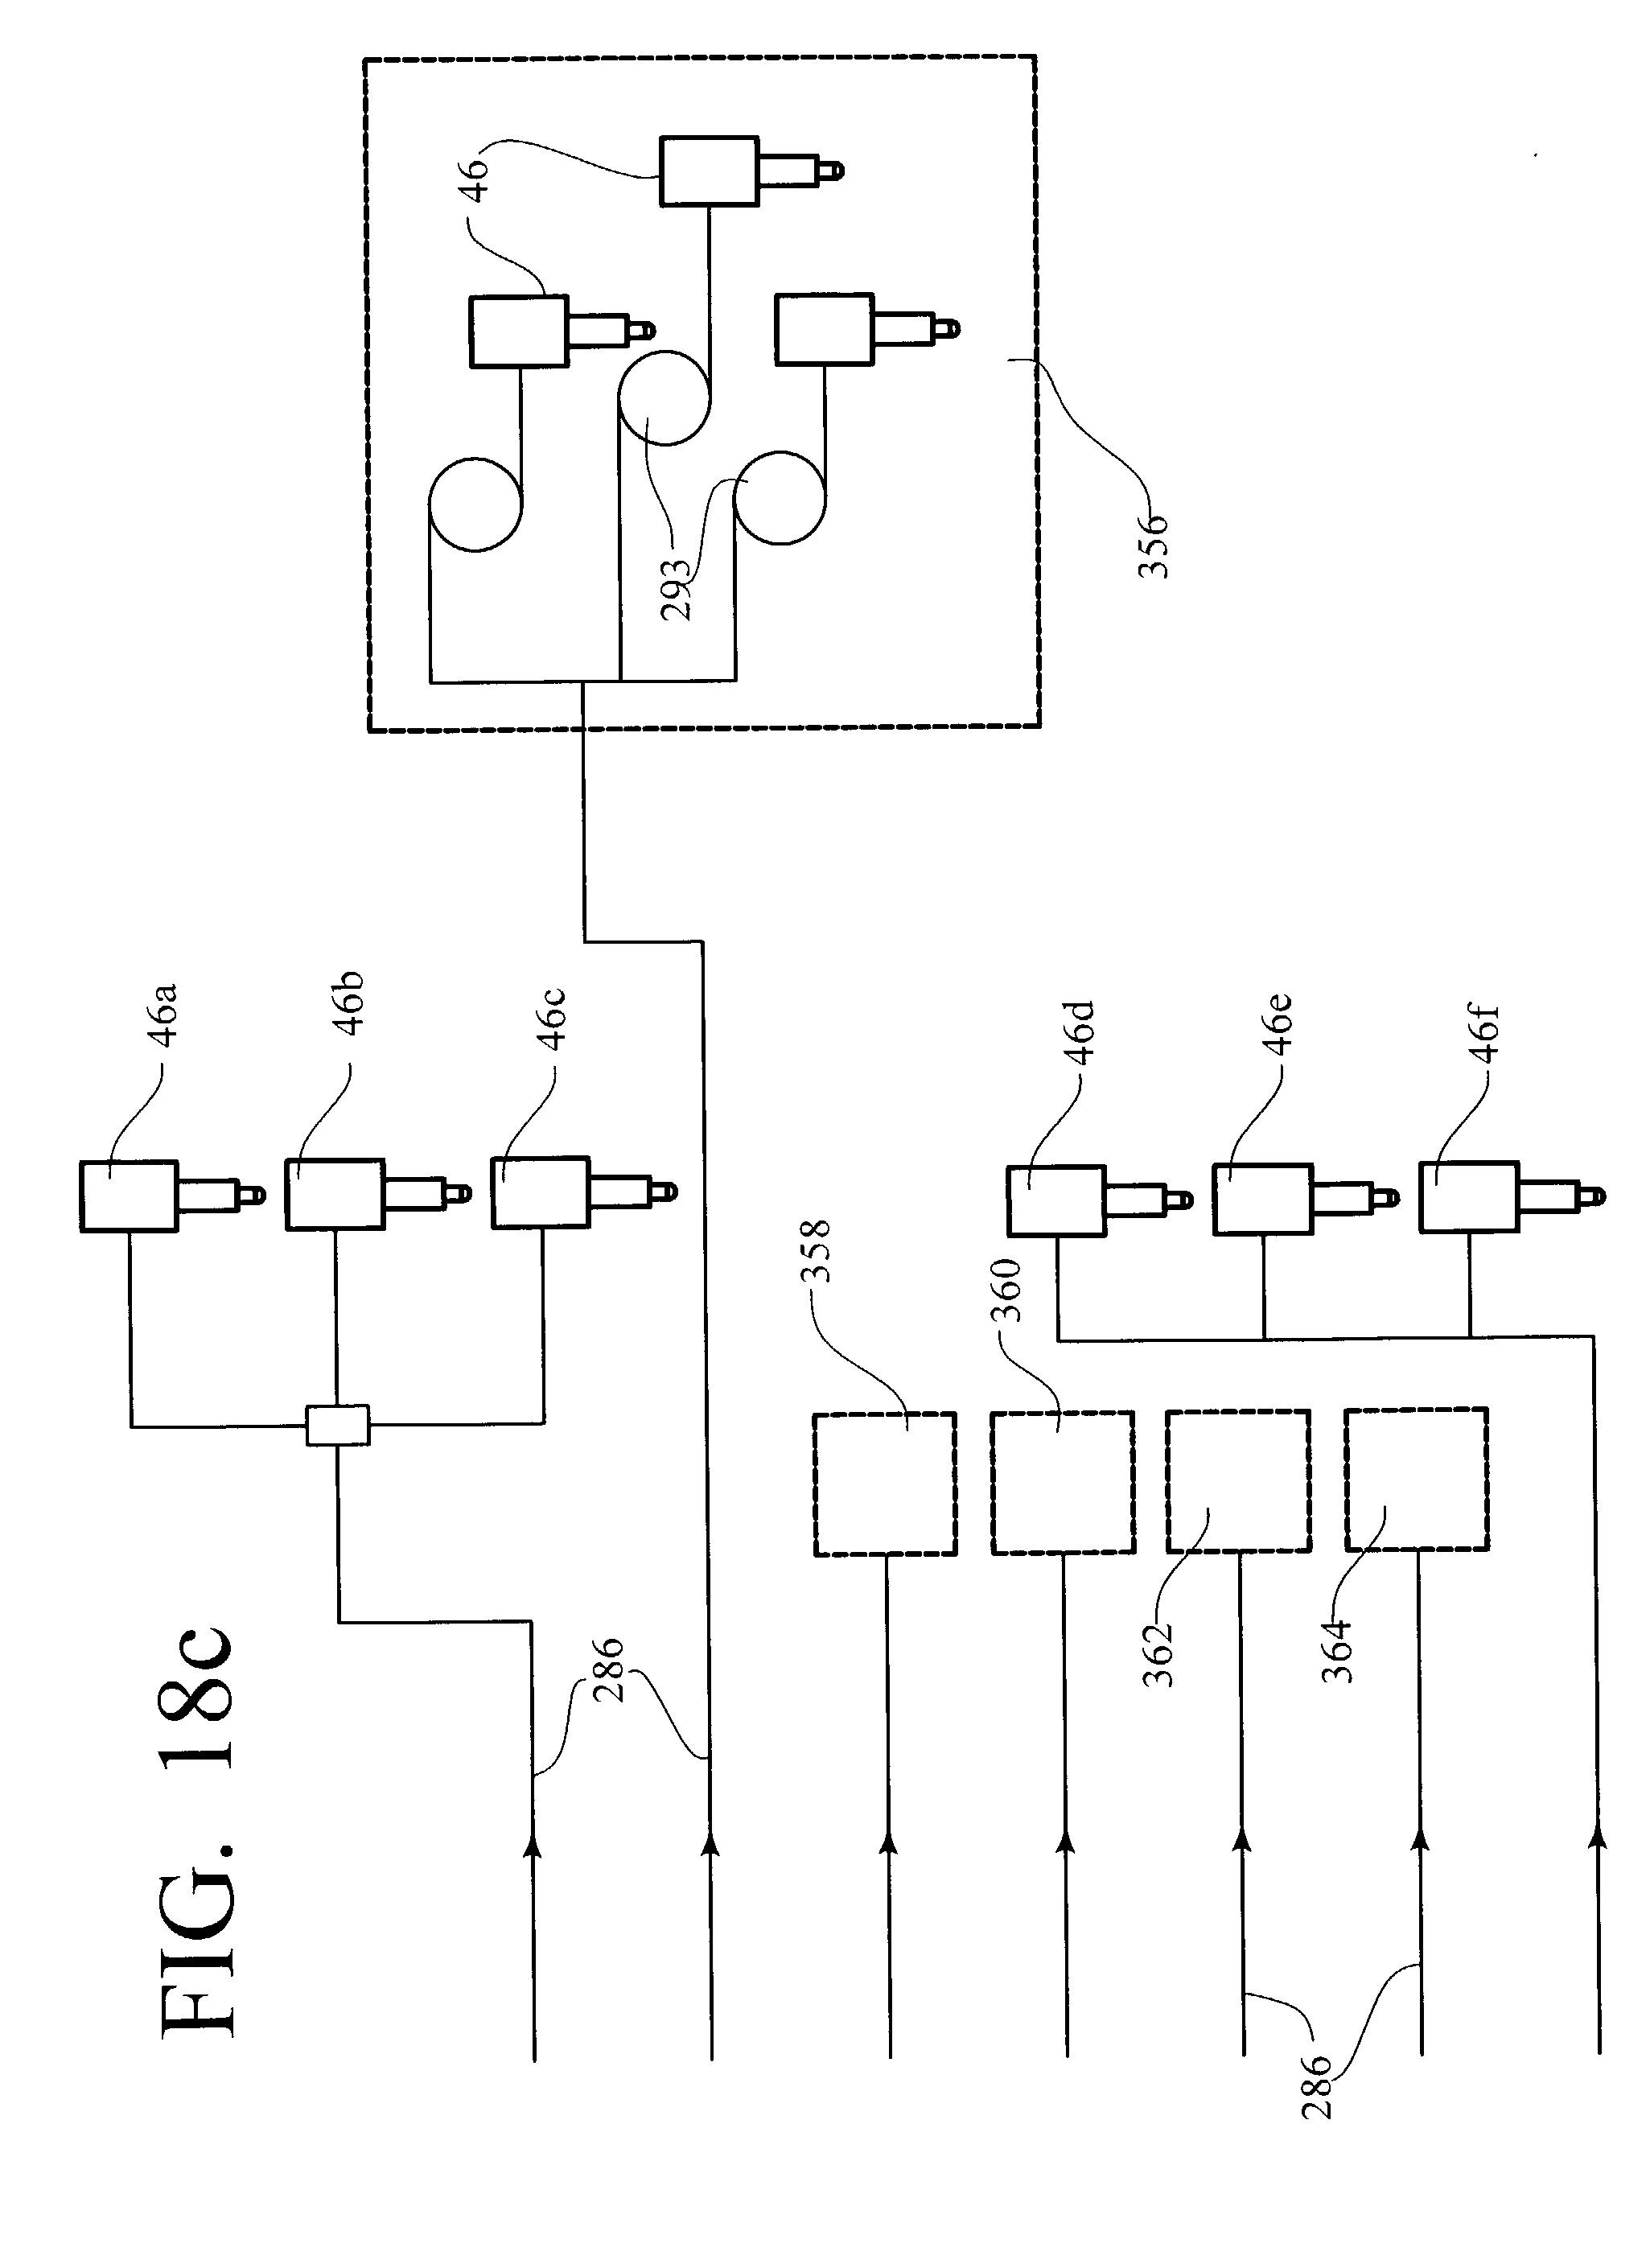 asco wiring diagram ford focus mk1 solenoid valve pneumatic